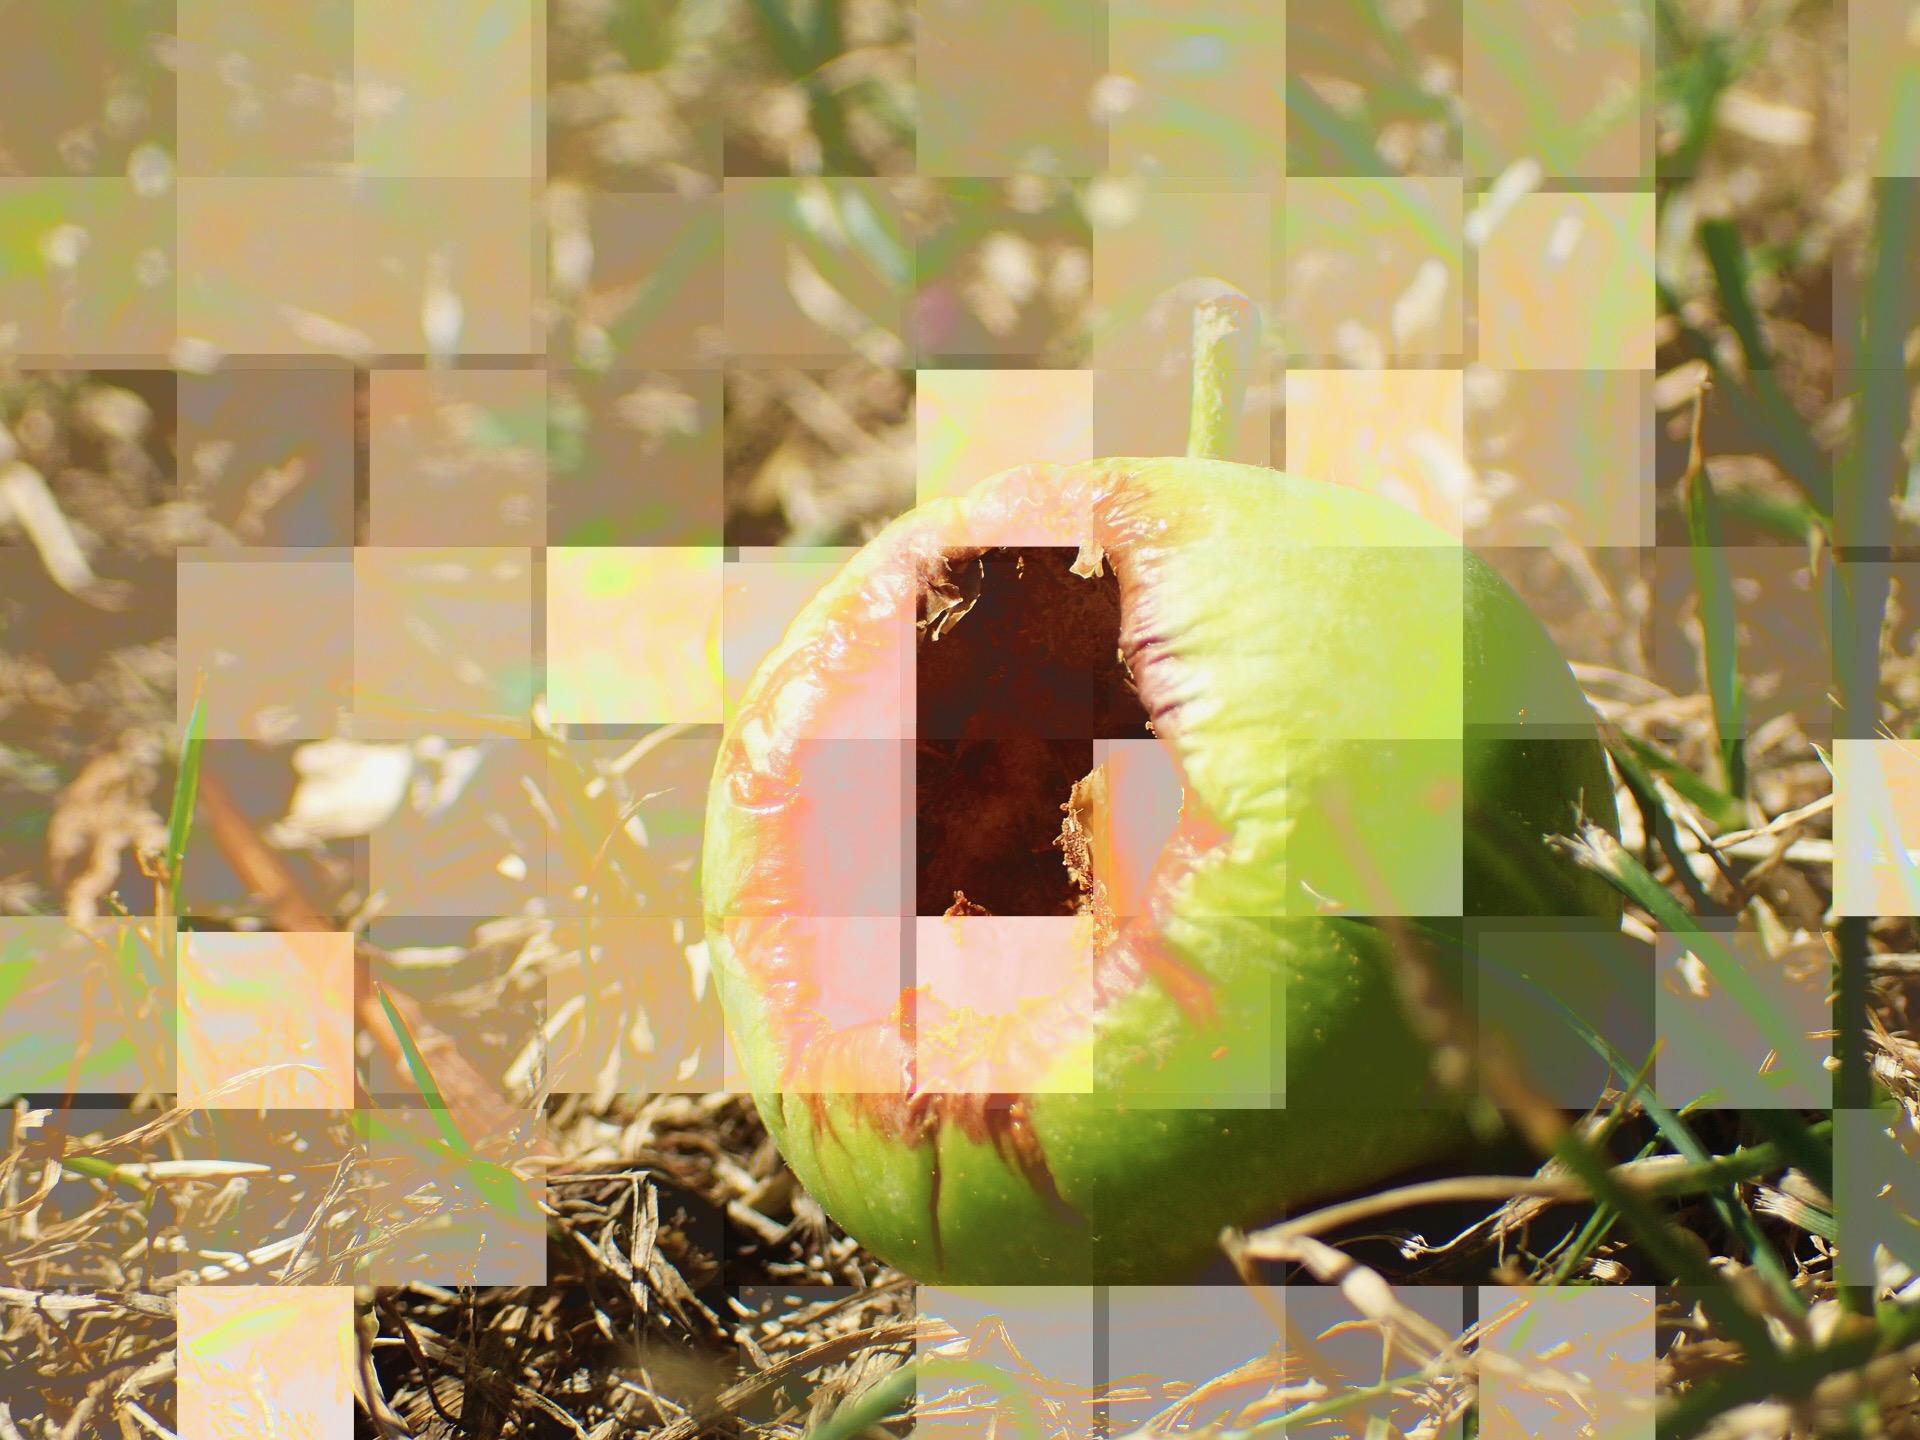 Original Images: Pixabay. Glitched @ Kulturpop